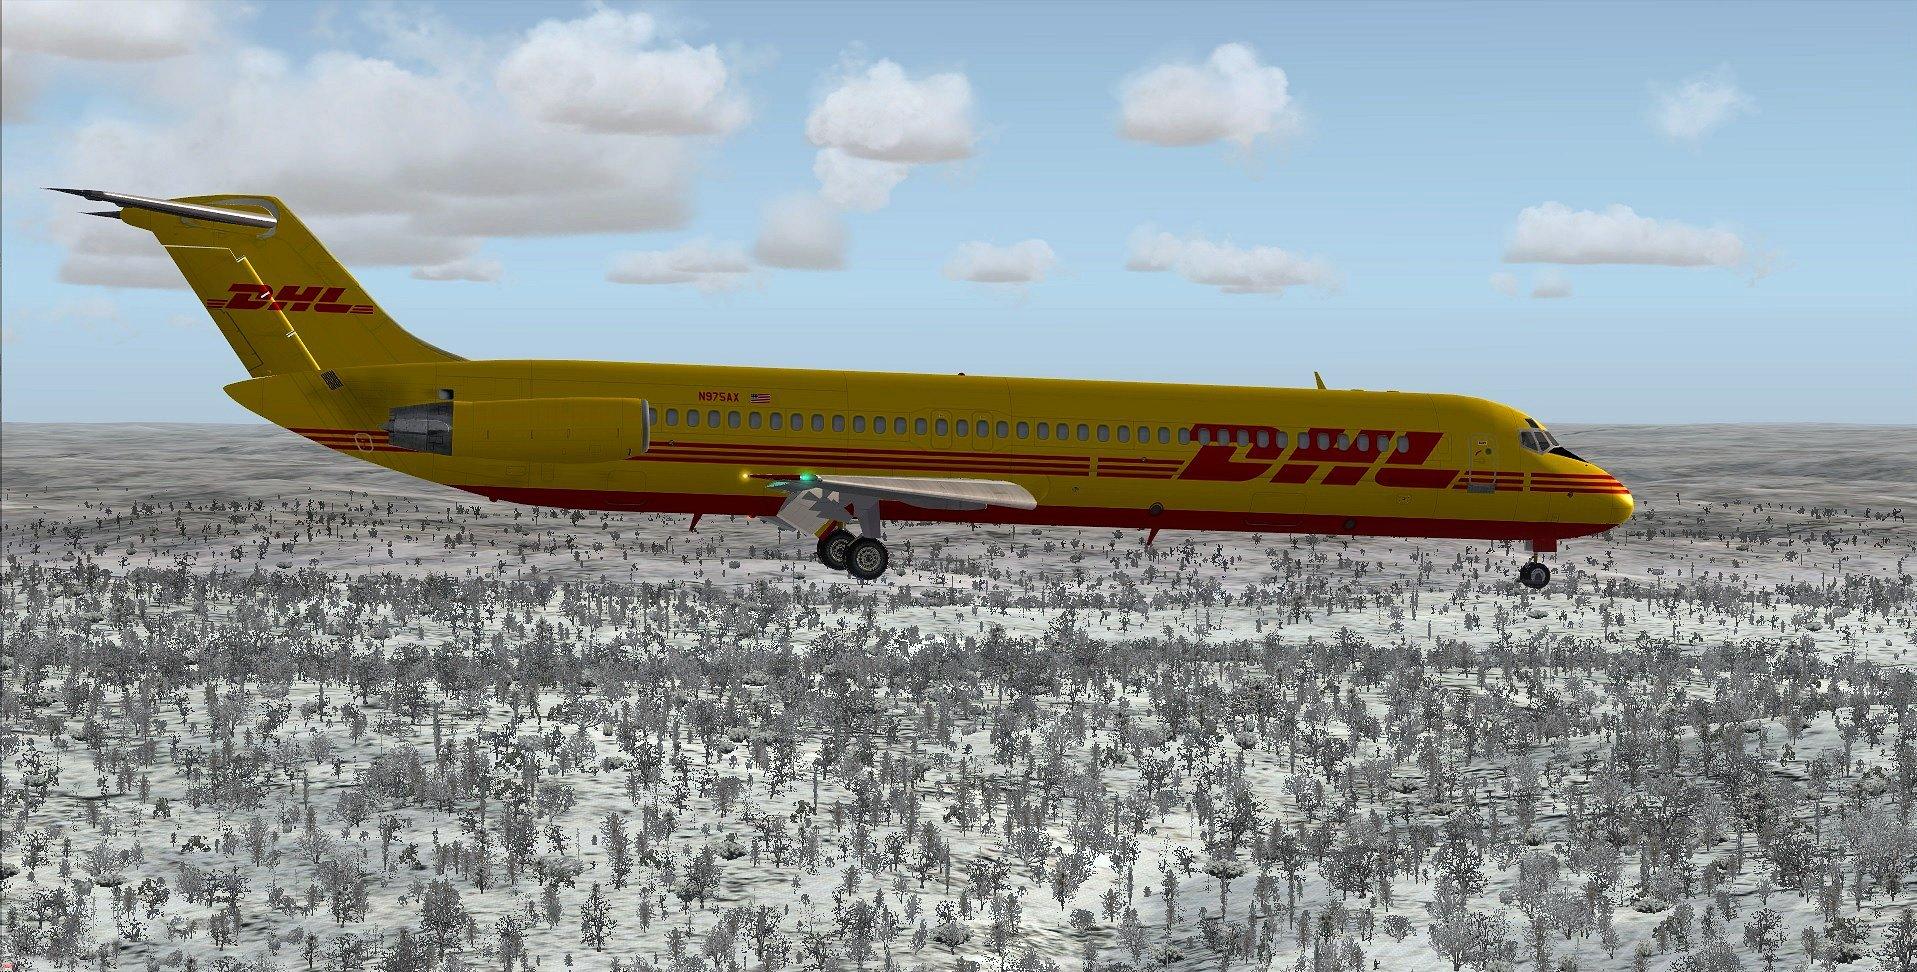 bm25.jpg